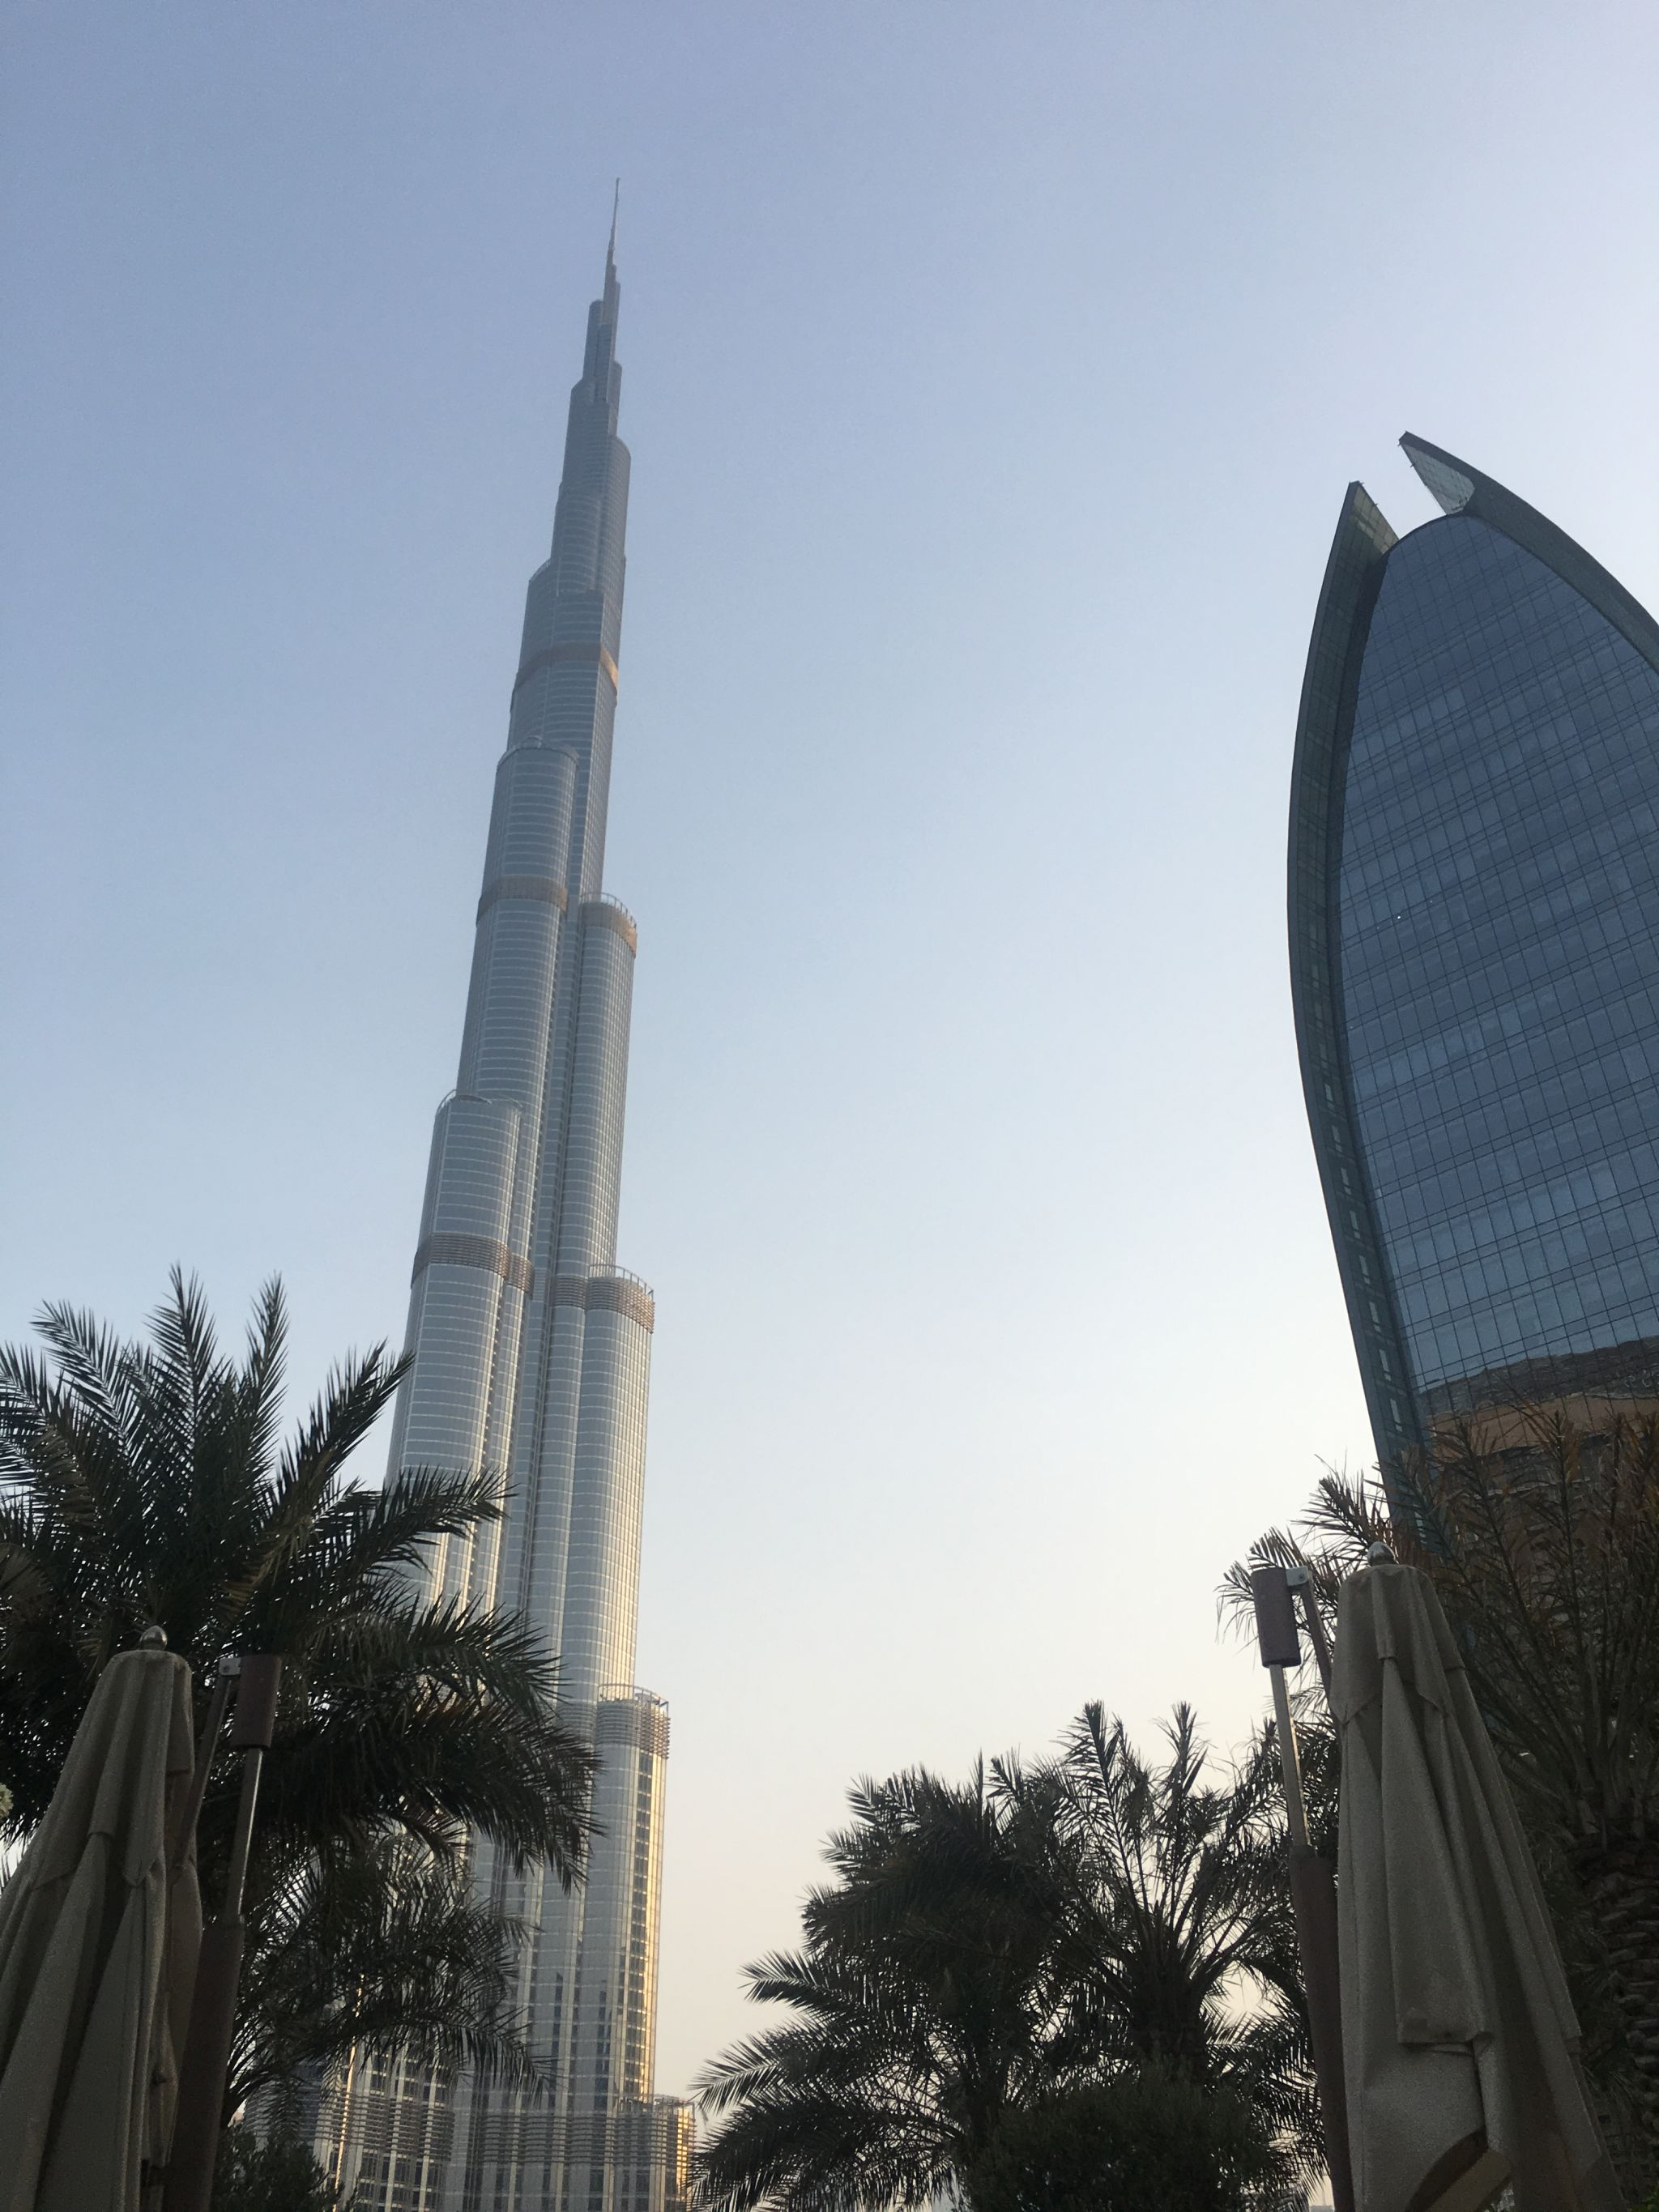 Burj-Khalifa-view-from-ground